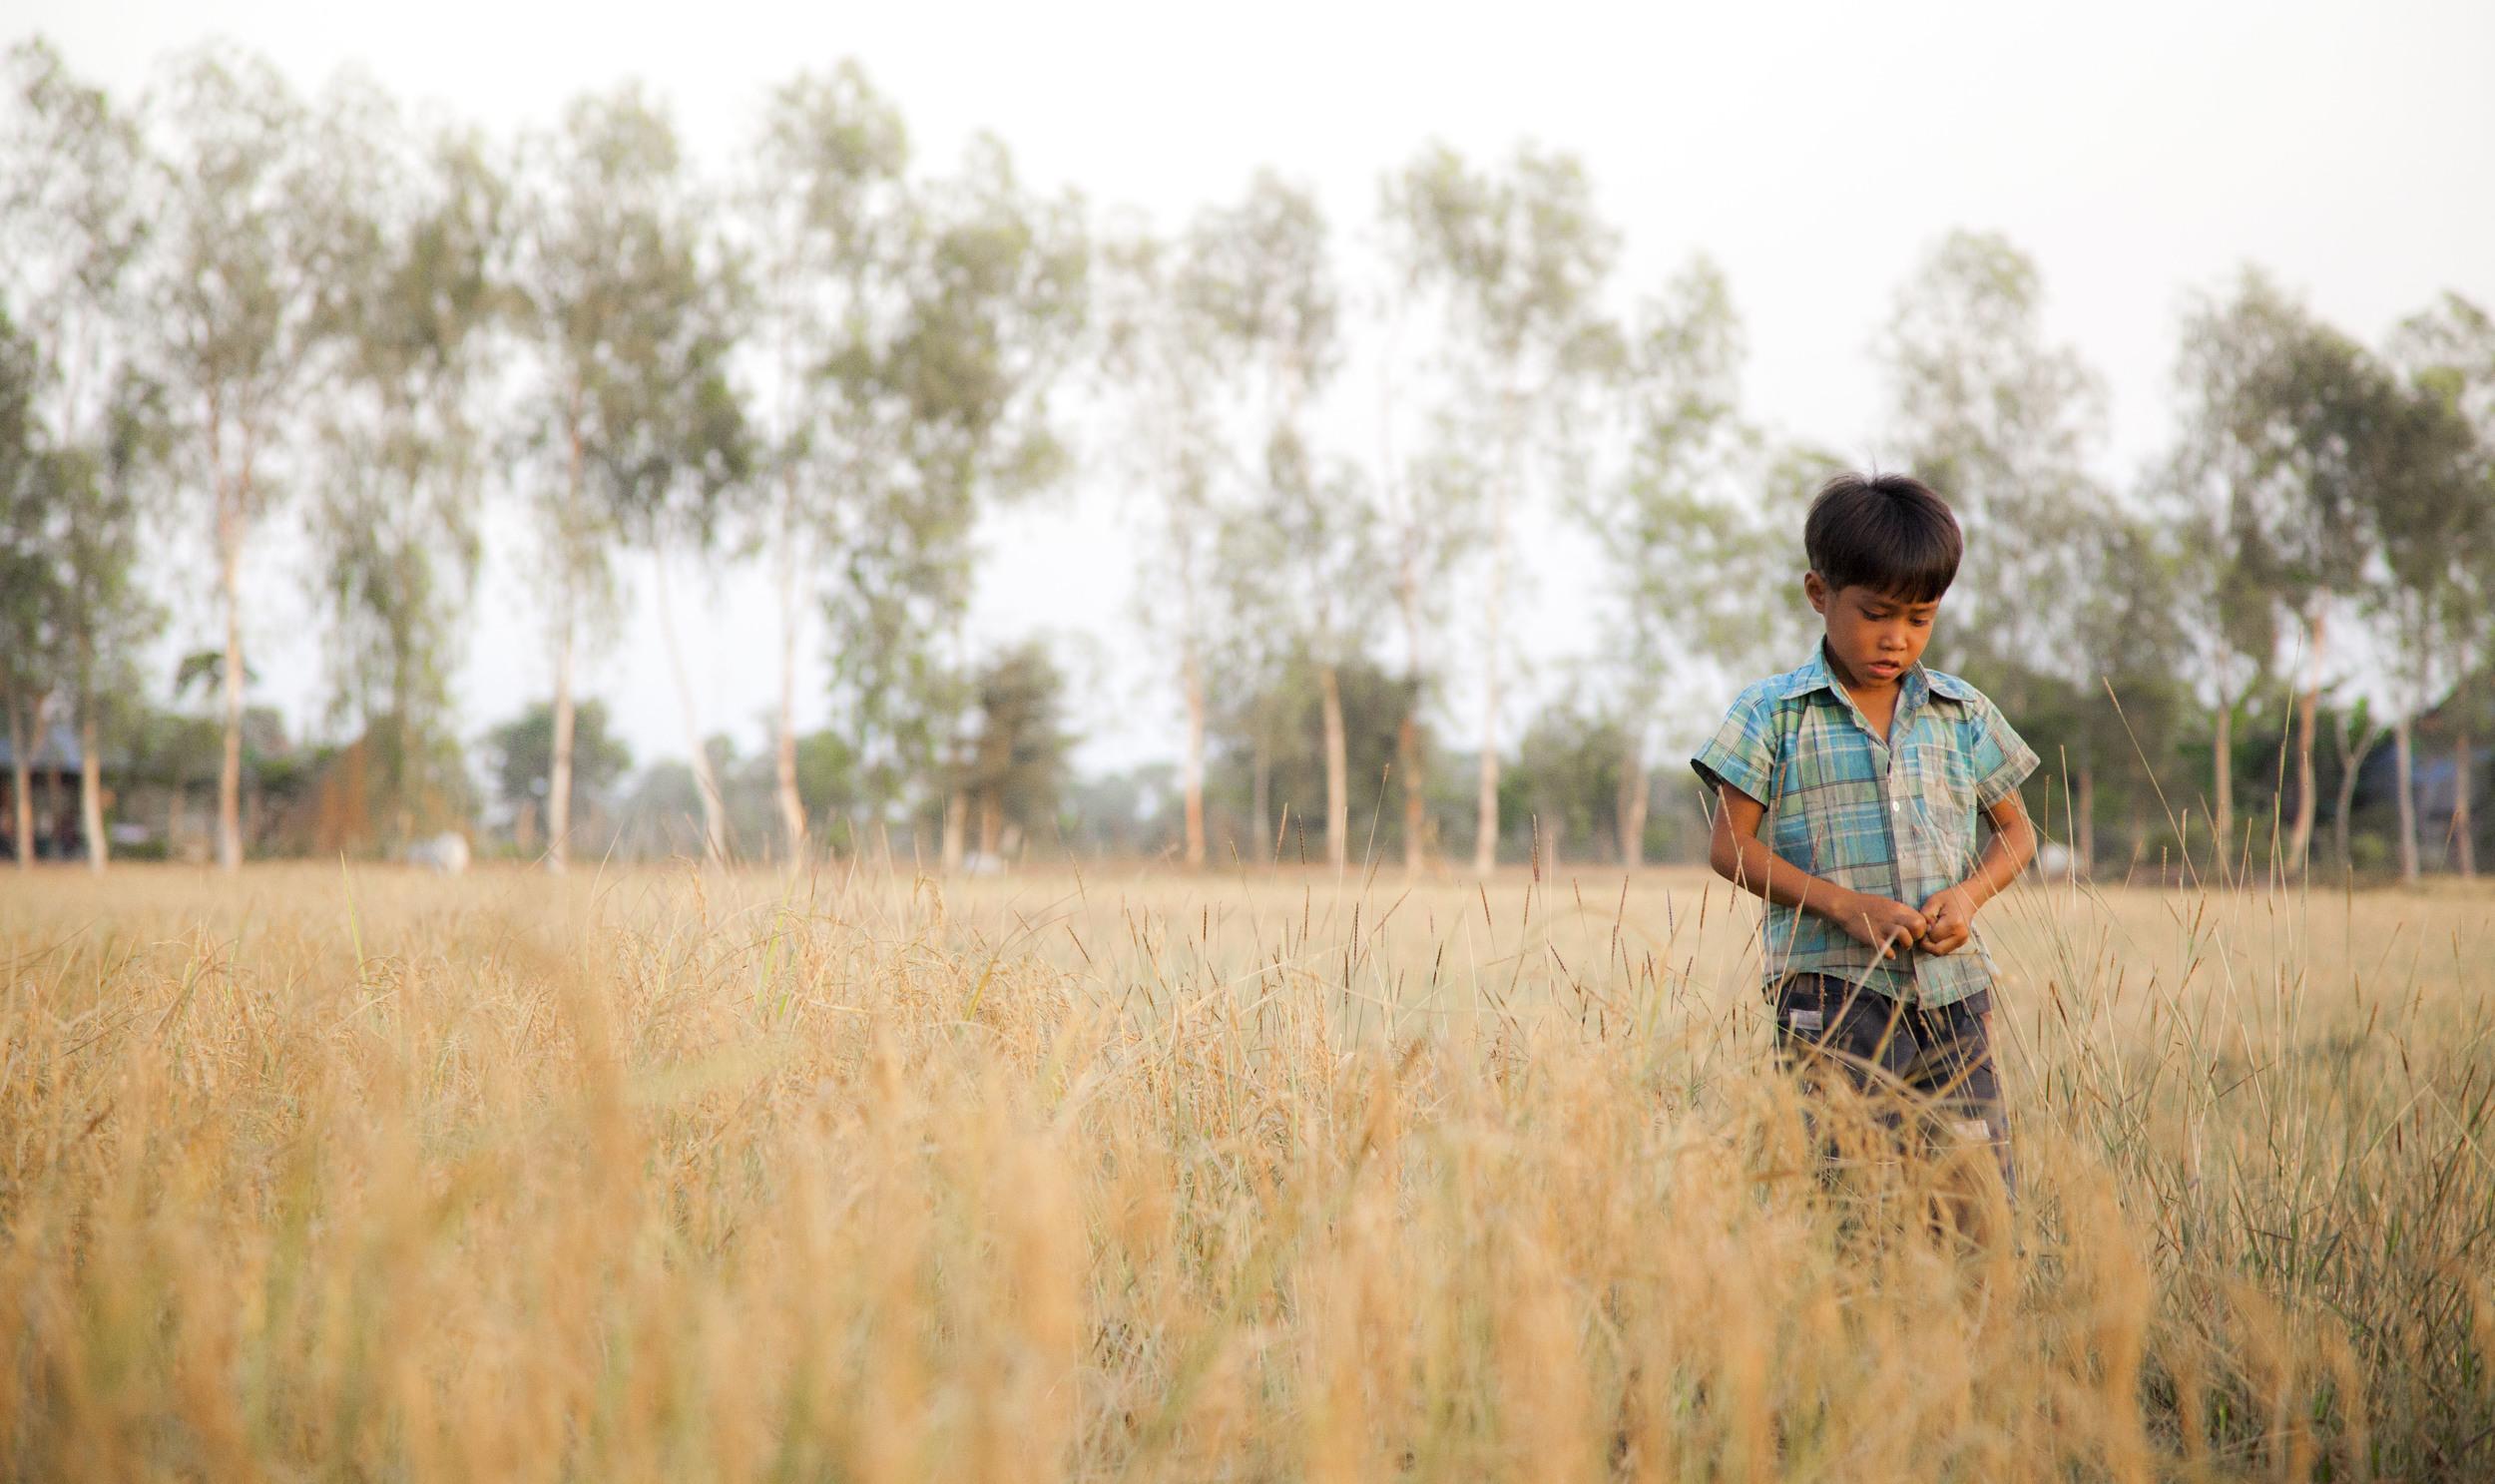 boy in field.jpg